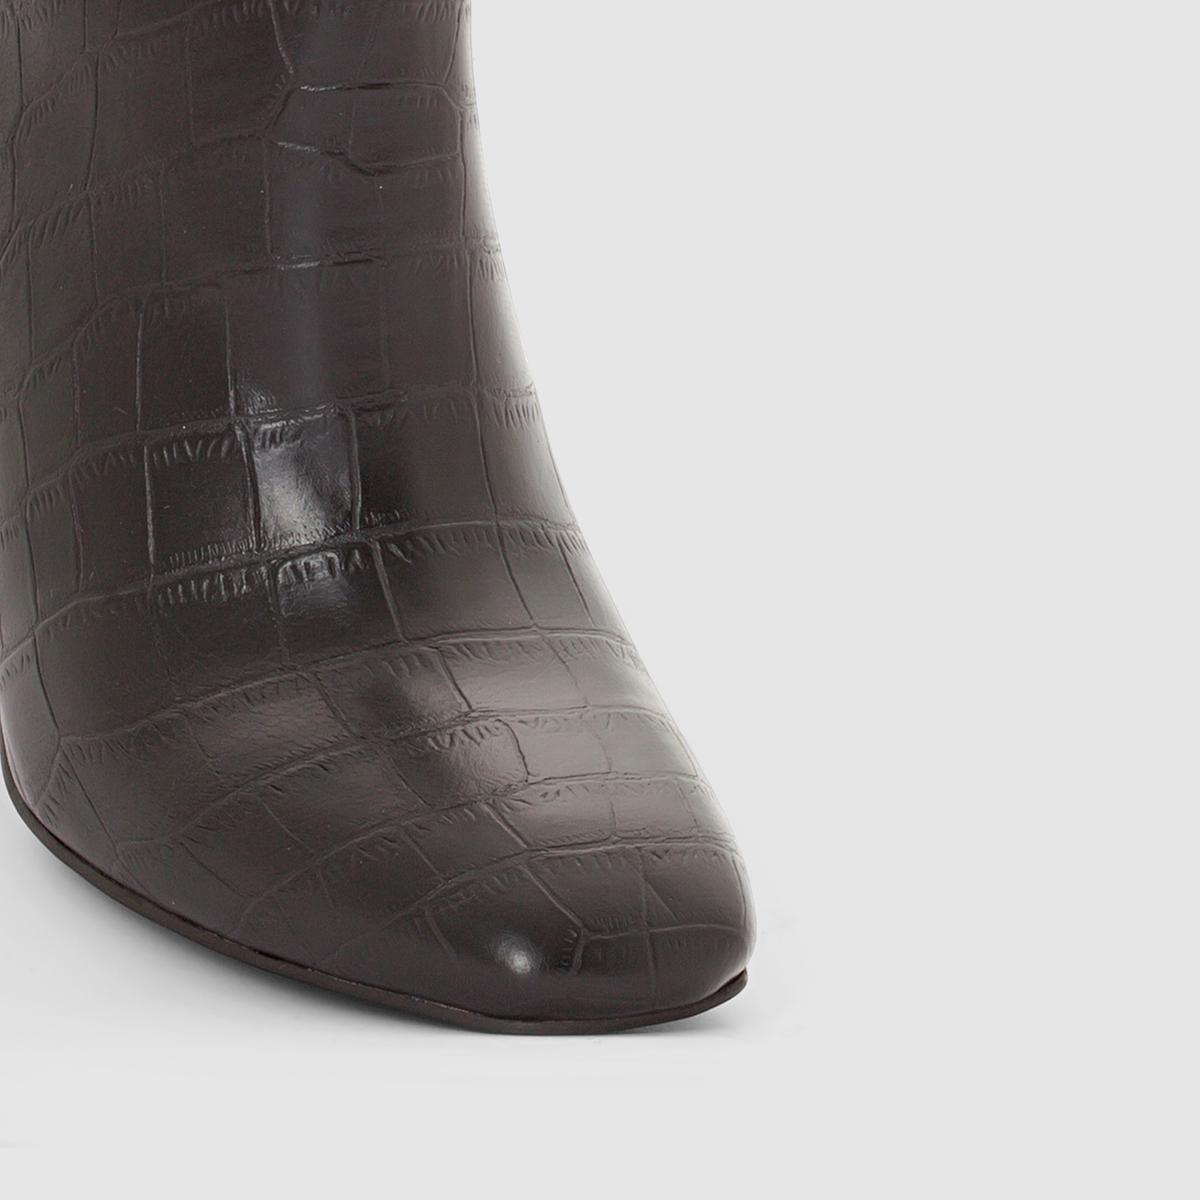 Ботильоны под крокодиловую кожуБотильоны под крокодиловую кожу ATELIER R   Верх : искусственная кожаПодкладка : синтетикаСтелька : синтетикаПодошва : из эластомера.Застежка : на молниюПреимущества: ботильоны на высоком каблуке с голенищем под крокодиловую кожу, застежка на молнию .<br><br>Цвет: черный<br>Размер: 41.40.38.37